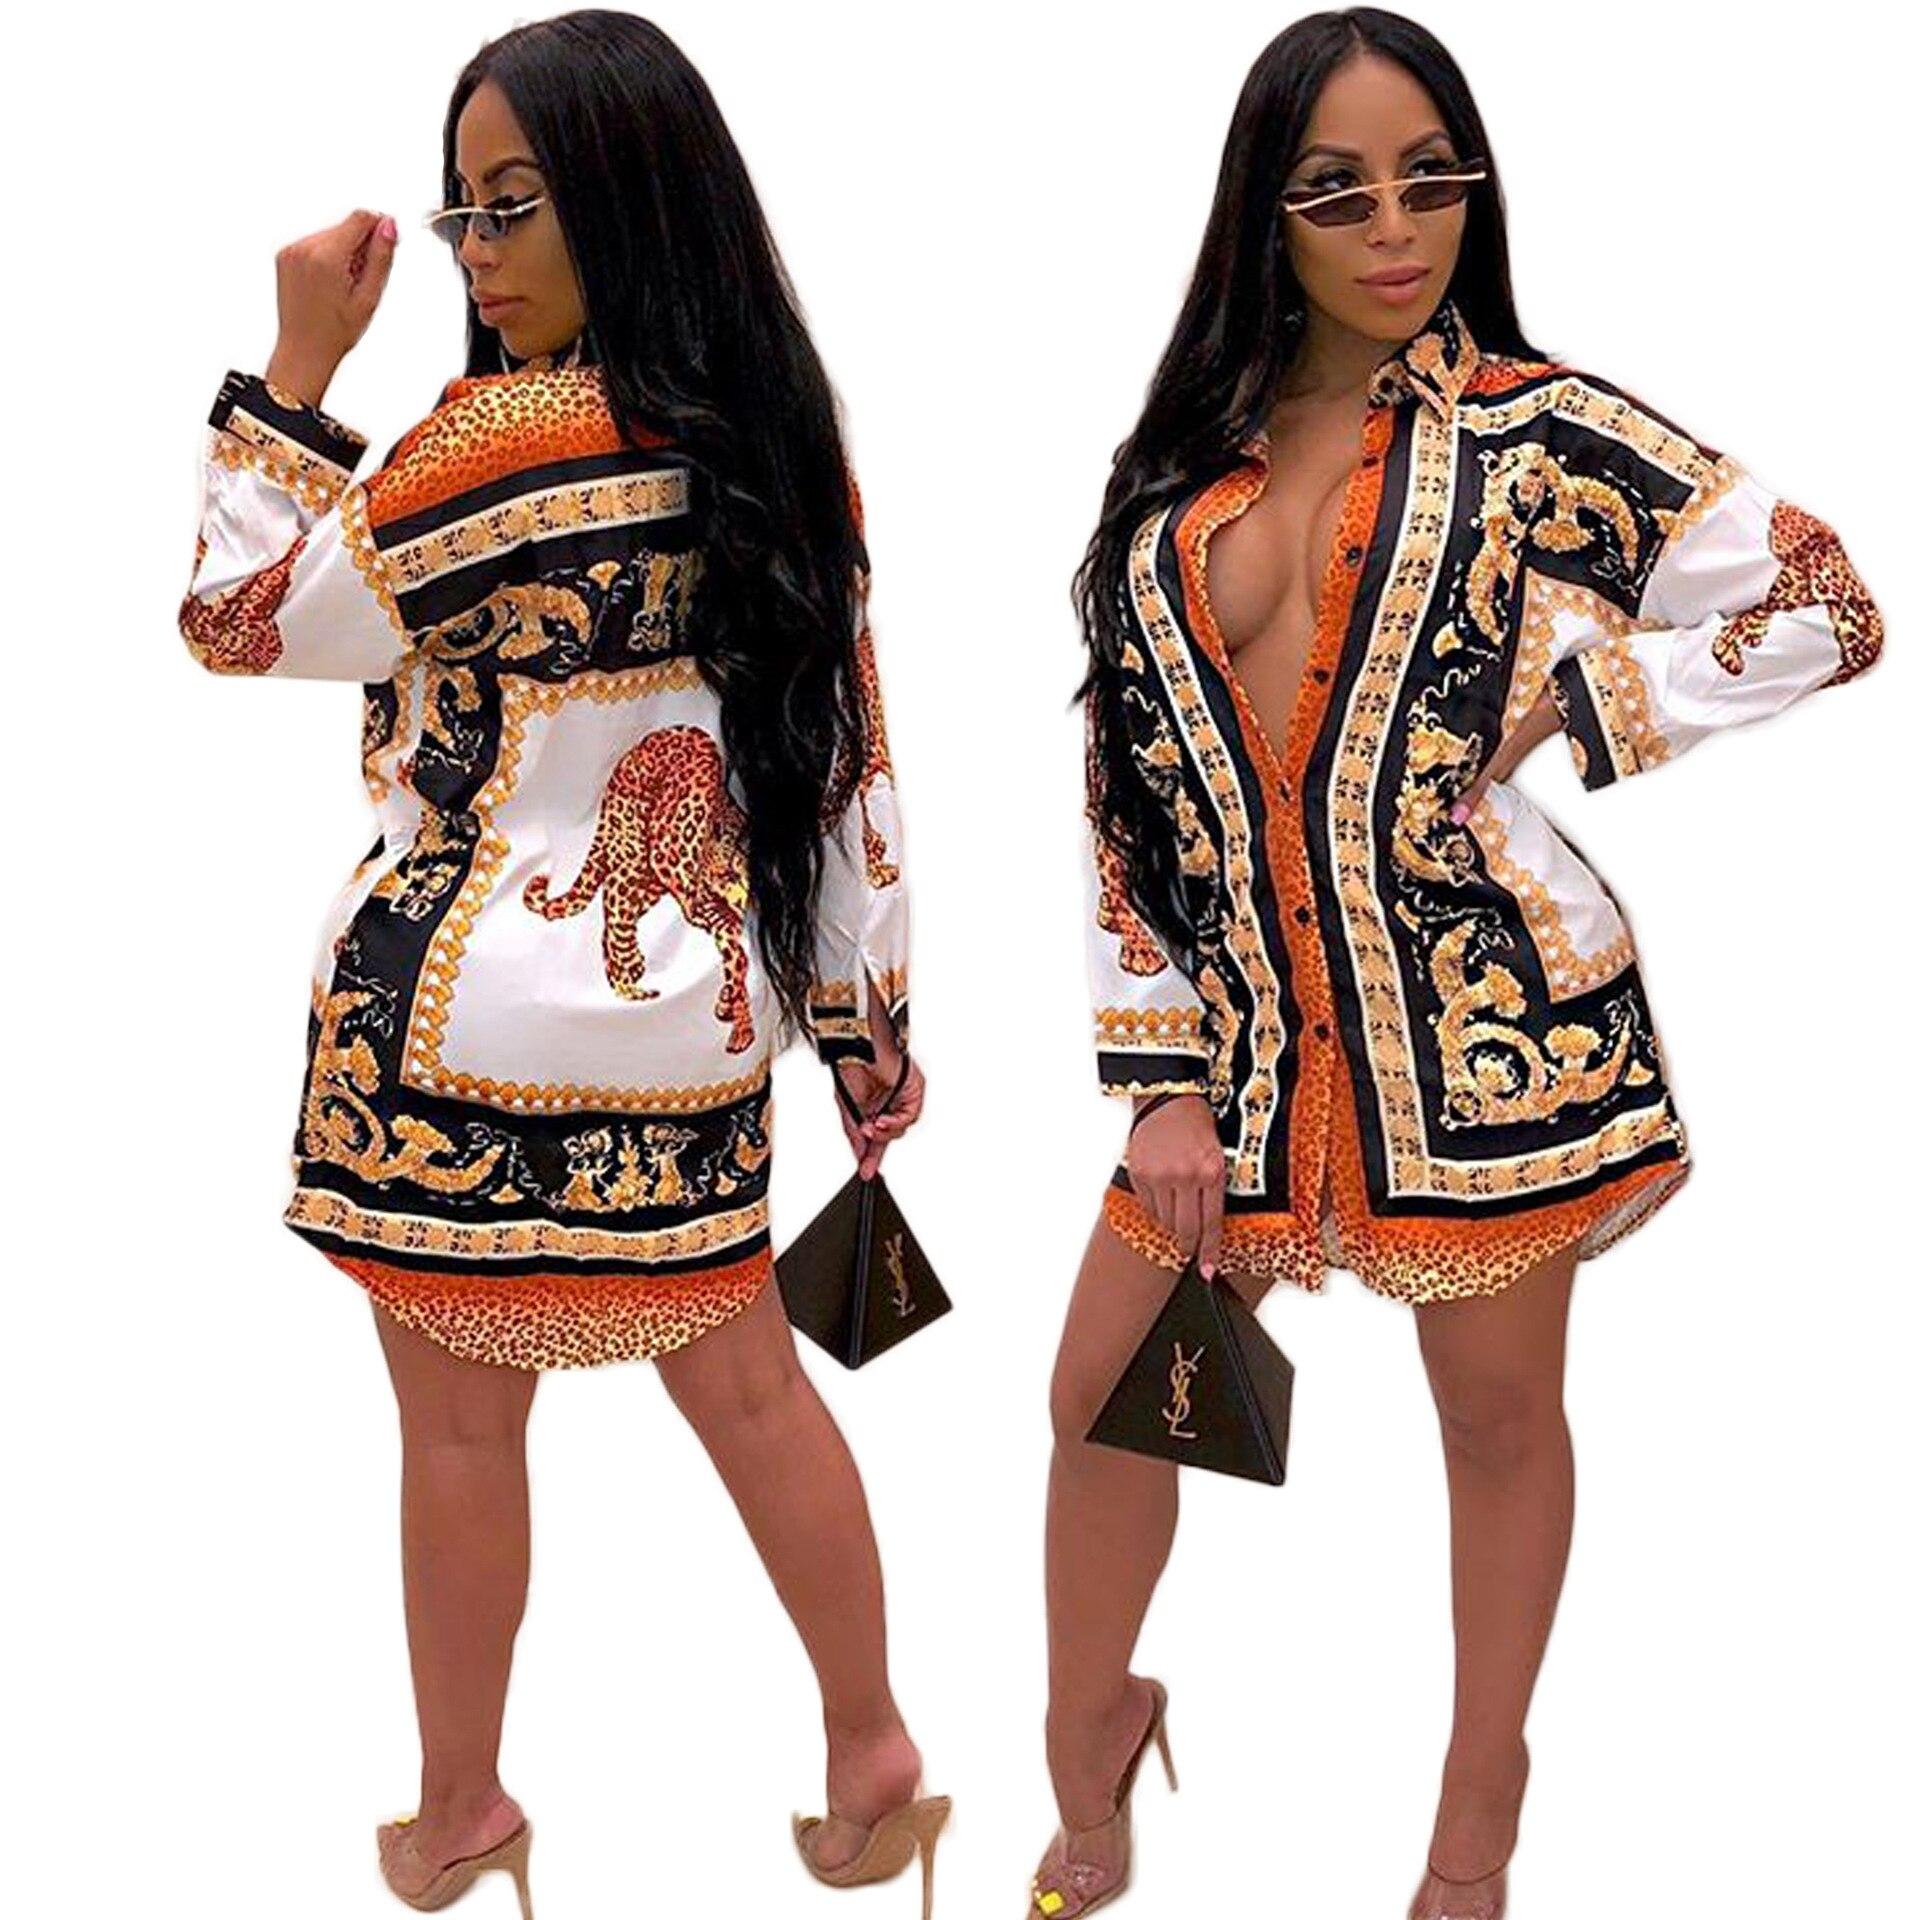 Camisa das Mulheres de outono e roupas de inverno A Nova Estampa de Leopardo Moda mulheres profissionais camisa estilo de Rua saia